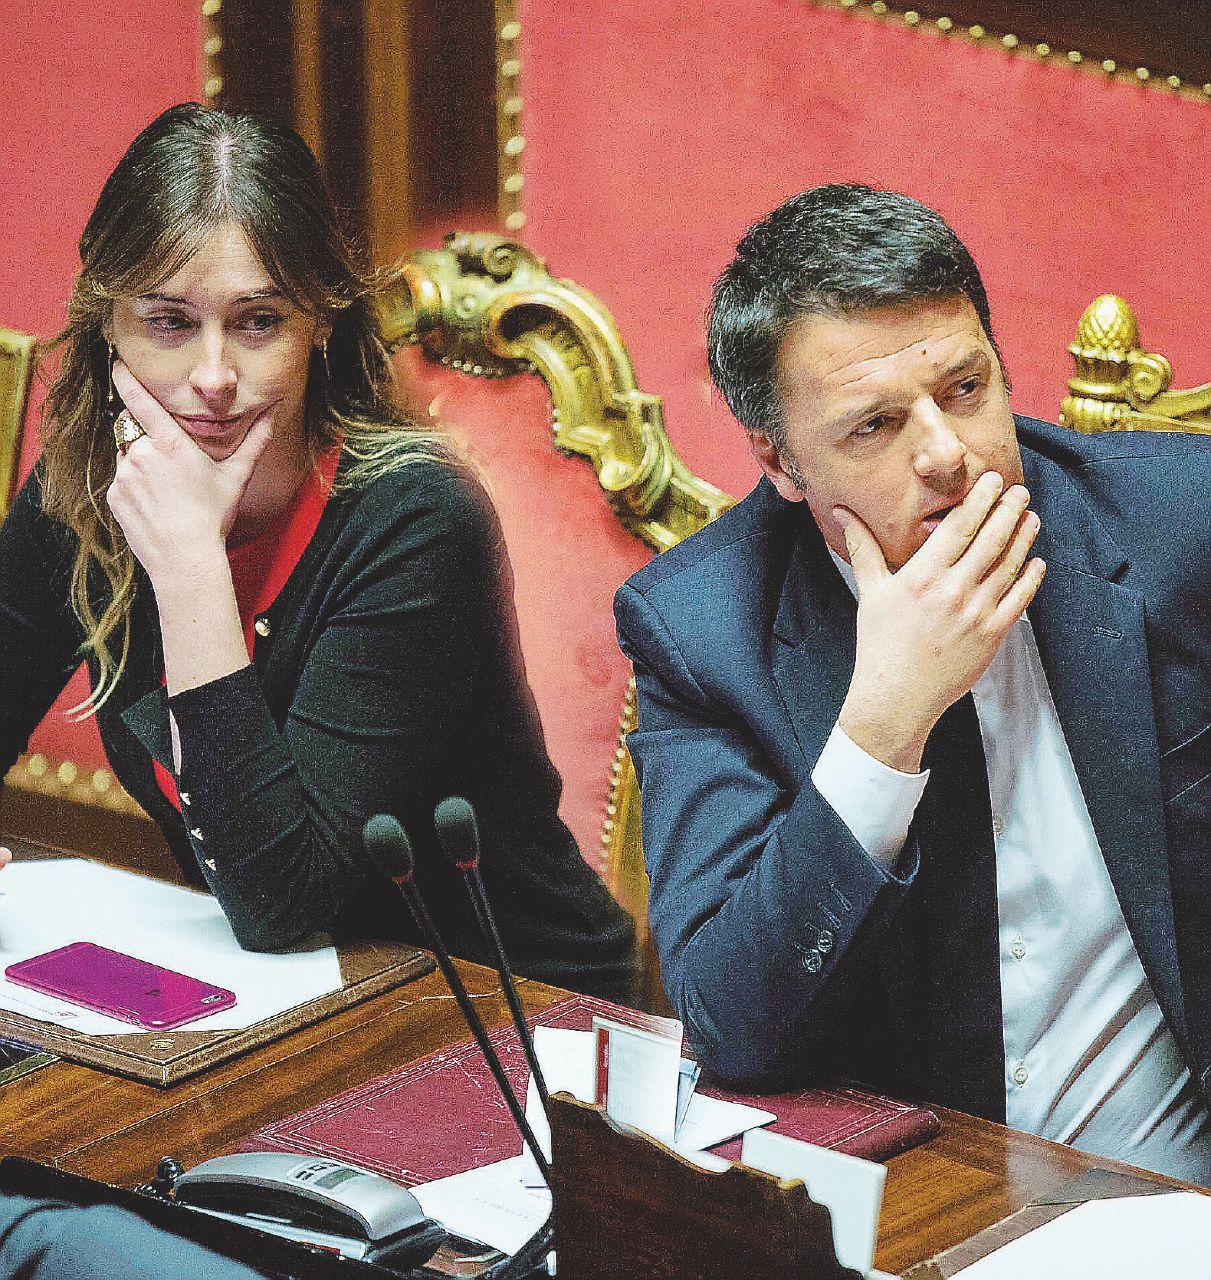 Consiglio a Renzi e Boschi: se volete il Sì, dovete sparire